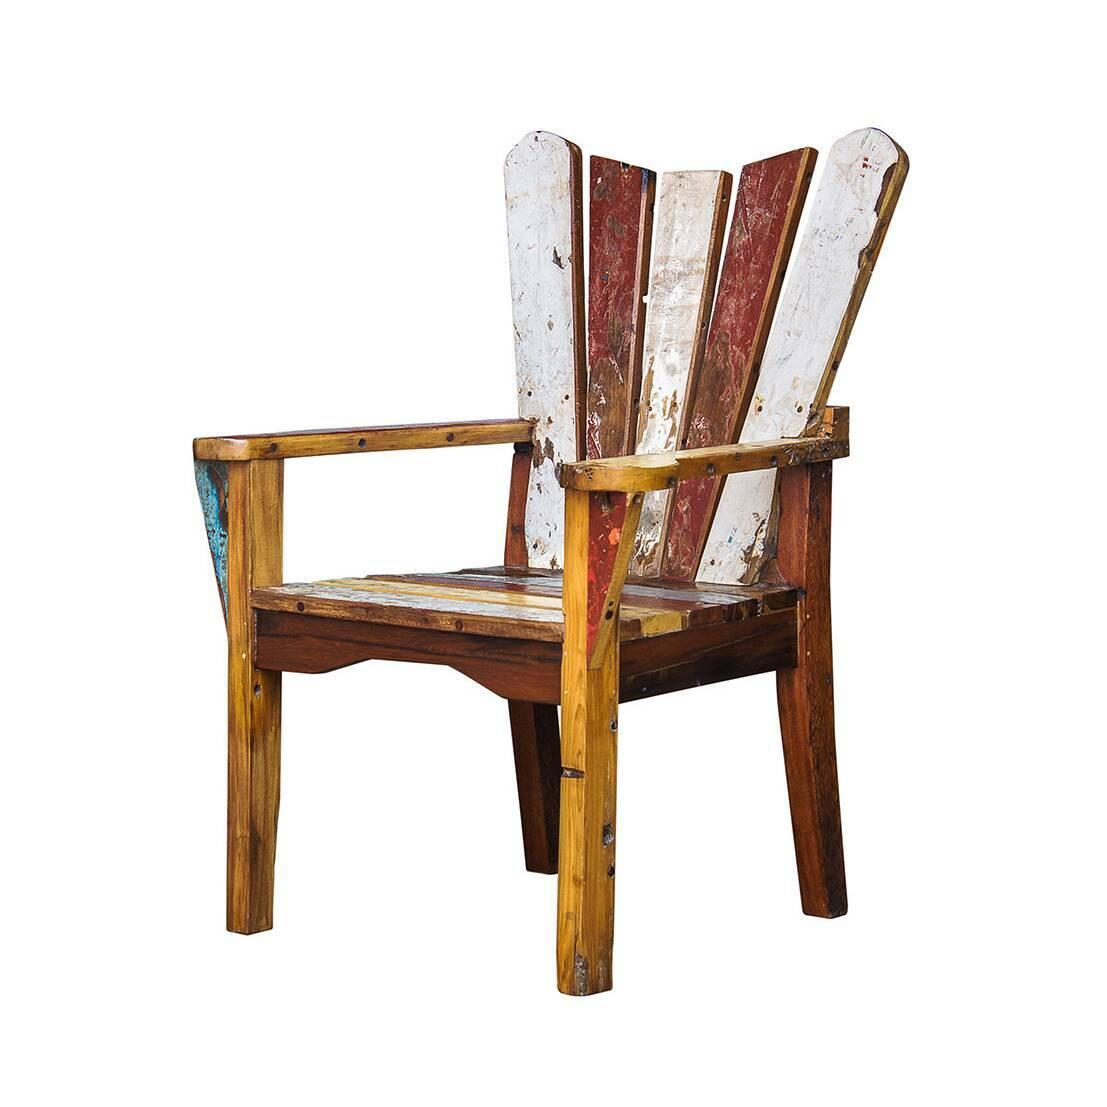 Кресло ЧеховИнтерьерные<br>Дизайнерское кресло Чехов из массива древесины с уникальной расцветкой от Like Lodka (Лайк Лодка).<br><br>Кресло Чехов выполнено из массива древесины старого рыбацкого судна, такой как тик, махагон, суар, с сохранением оригинальной многослойной окраски. Древесина обладает высокой износостойкостью, долговечностью и водоотталкивающими свойствами. Ее использовали индонезийские рыбаки для создания лодок, а мебель из нее подходит для использования как внутри помещения, так и снаружи. Покрыт натурал...<br><br>stock: 0<br>Высота: 110<br>Ширина: 75<br>Глубина: 65<br>Материал каркаса: Массив тика<br>Тип материала каркаса: Дерево<br>Цвет каркаса: Разноцветный